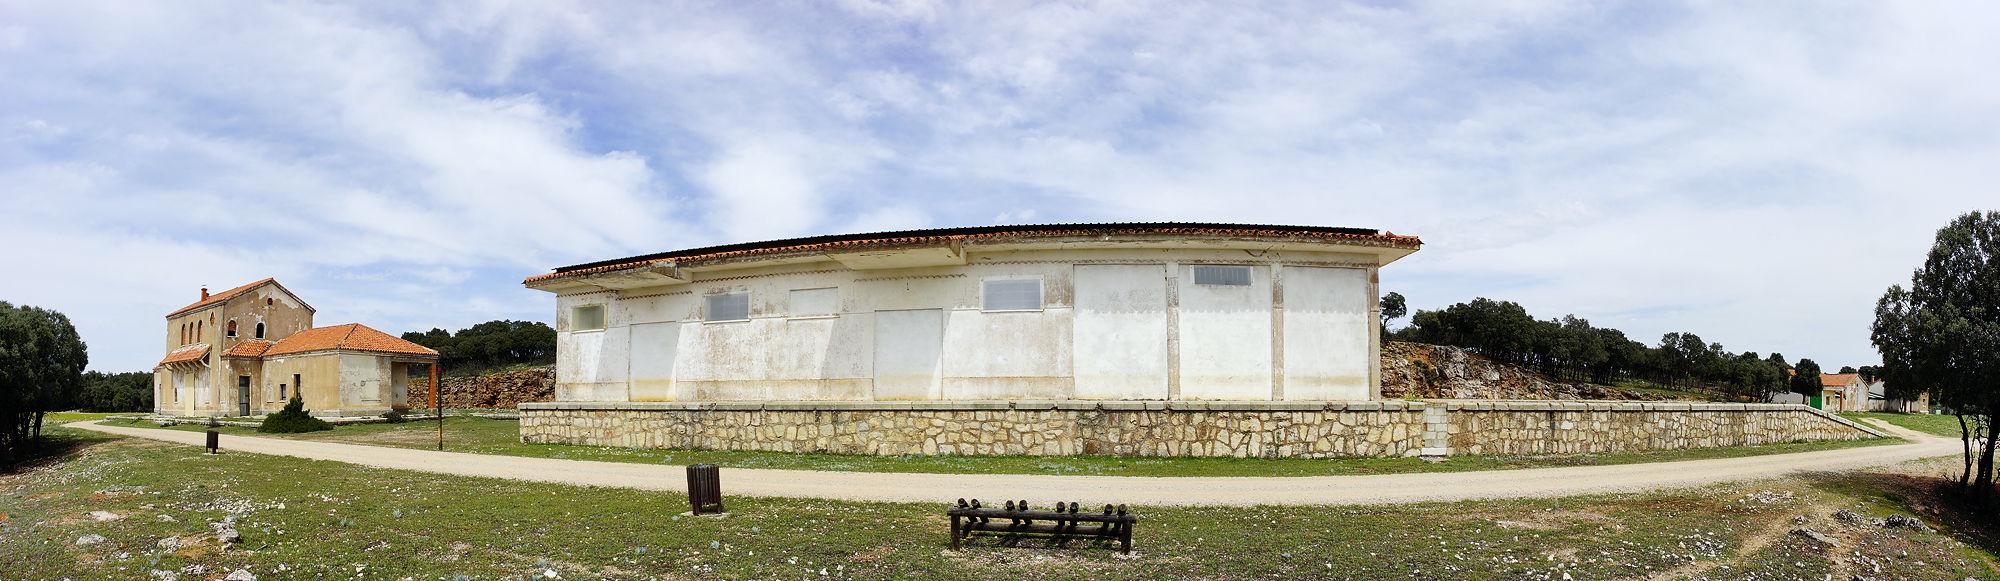 * die komplette Bahnhofsanlage, mitten in der Pampa *